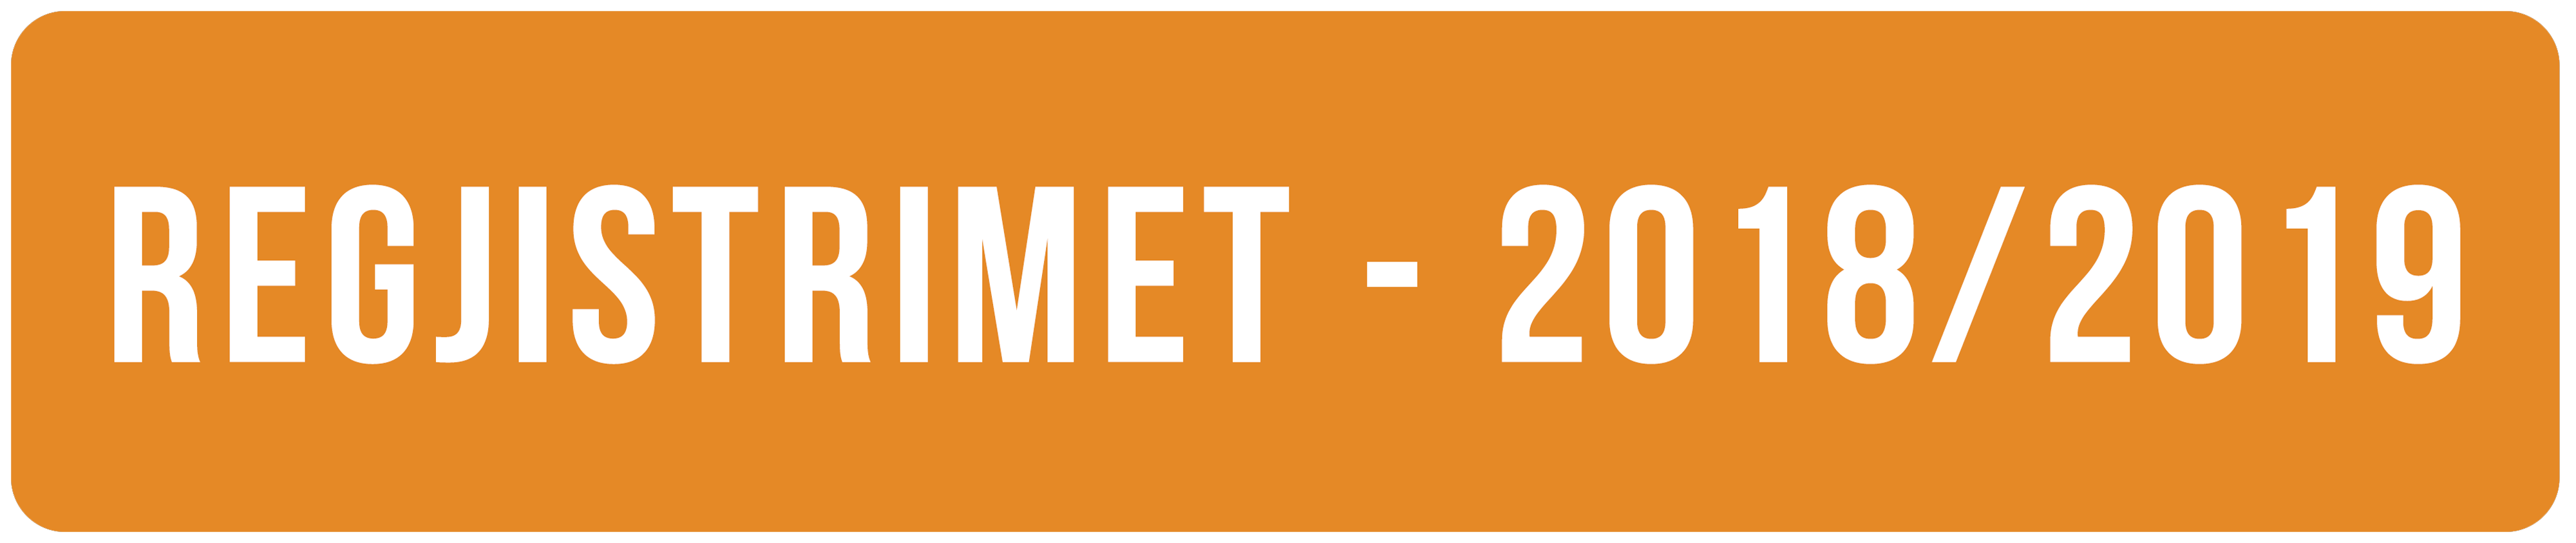 Rregjistrimet - 2018/2019